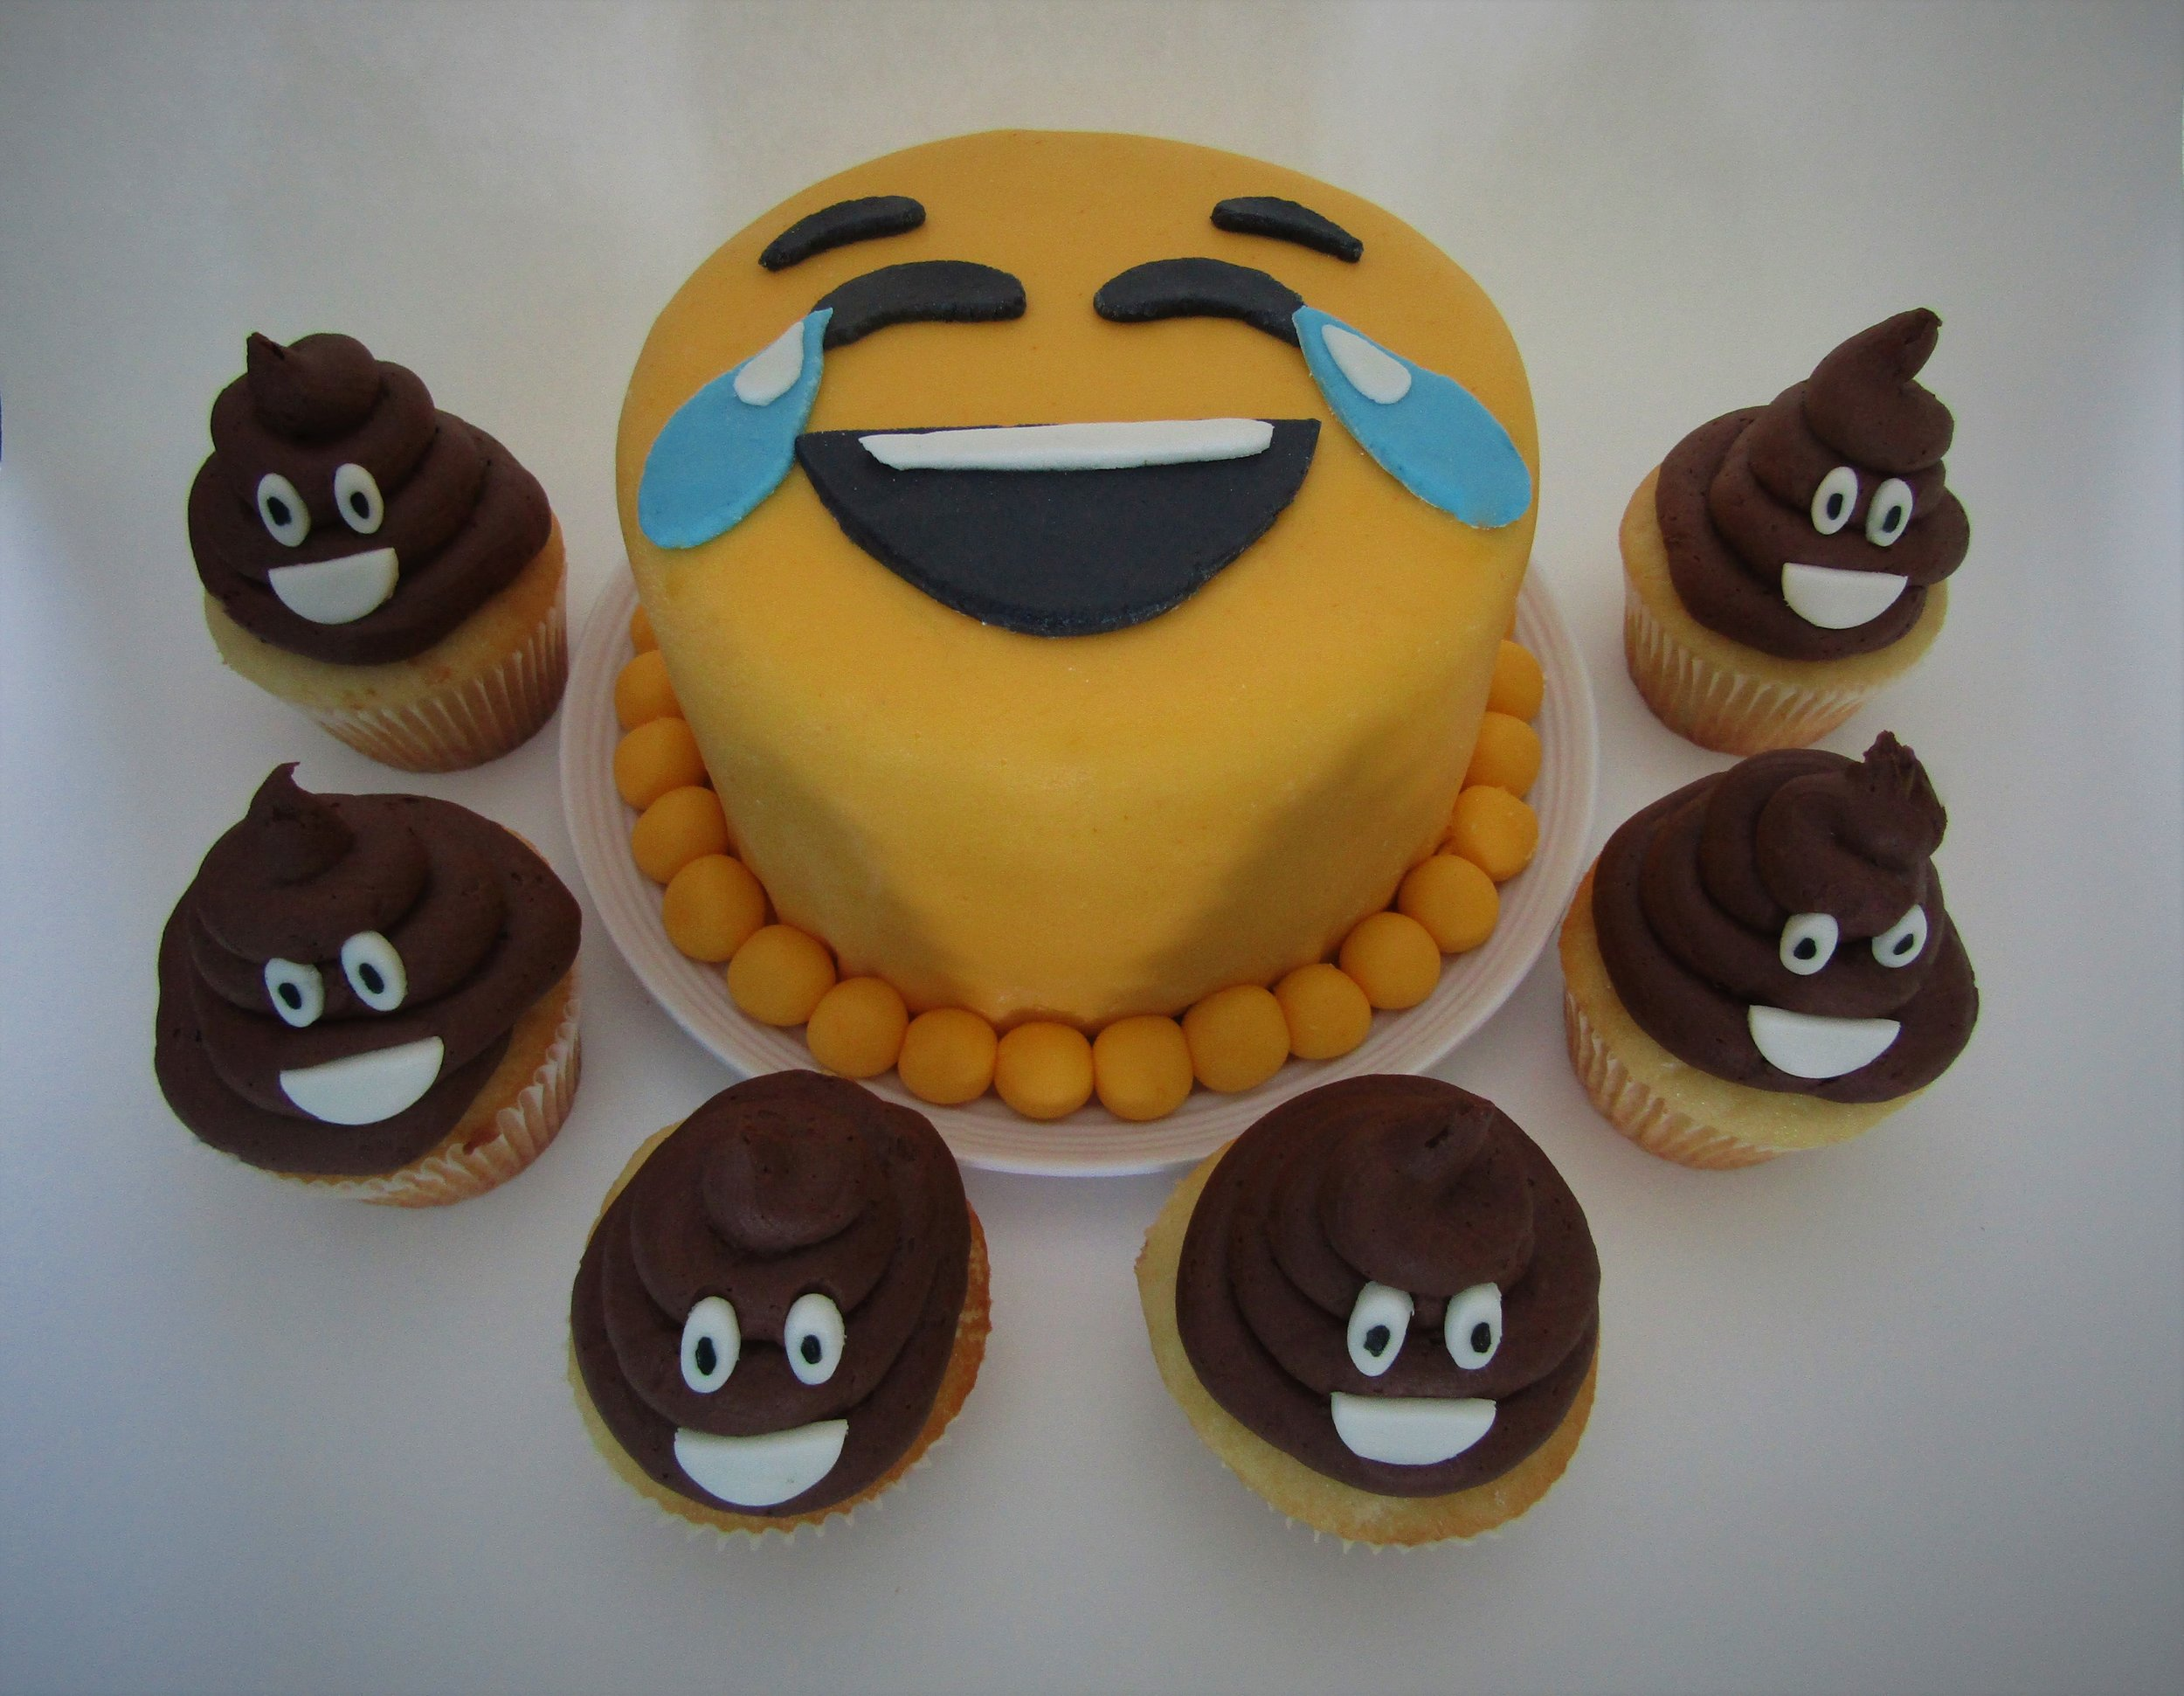 gâteau-smiley-emoji-partie-2-cupcake-caca